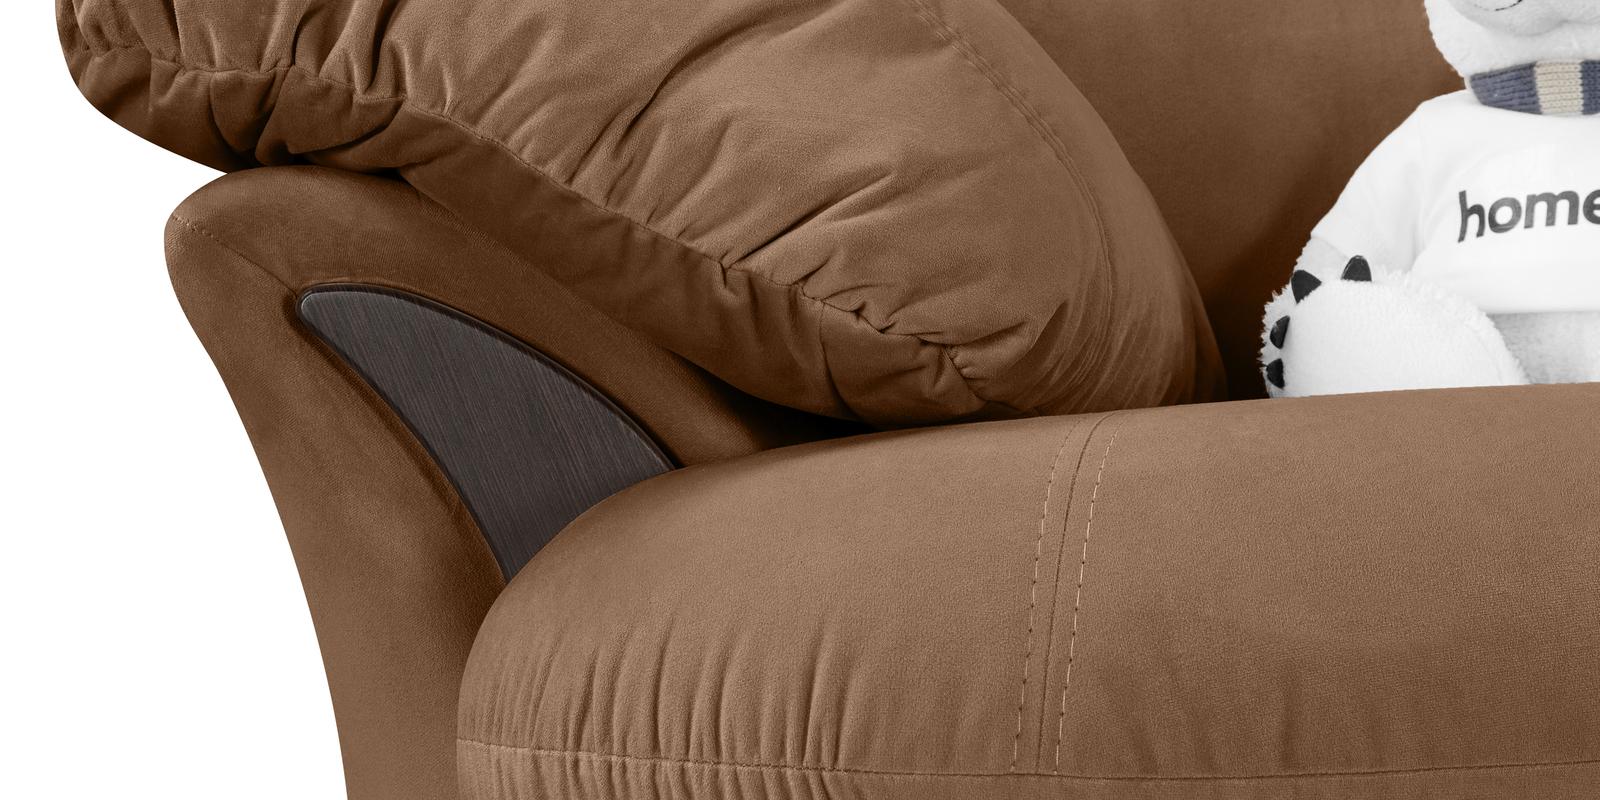 Кресло тканевое Ланкастер Velure коричневый (Велюр)